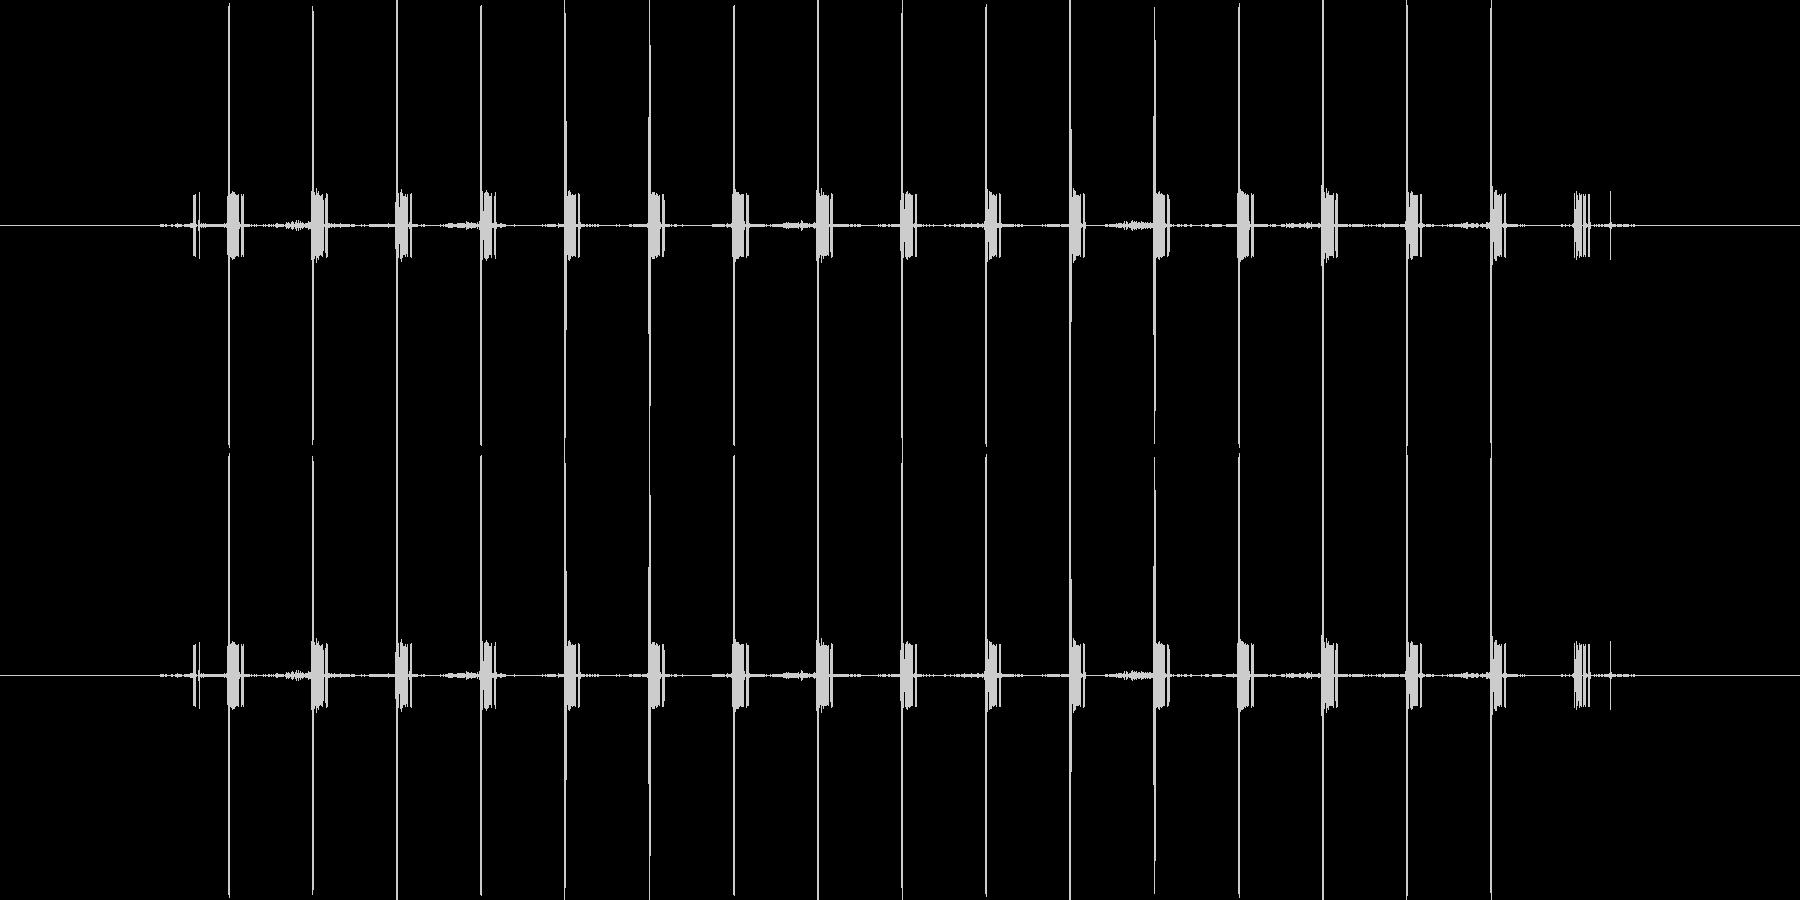 間違い時の電子音/短めの未再生の波形